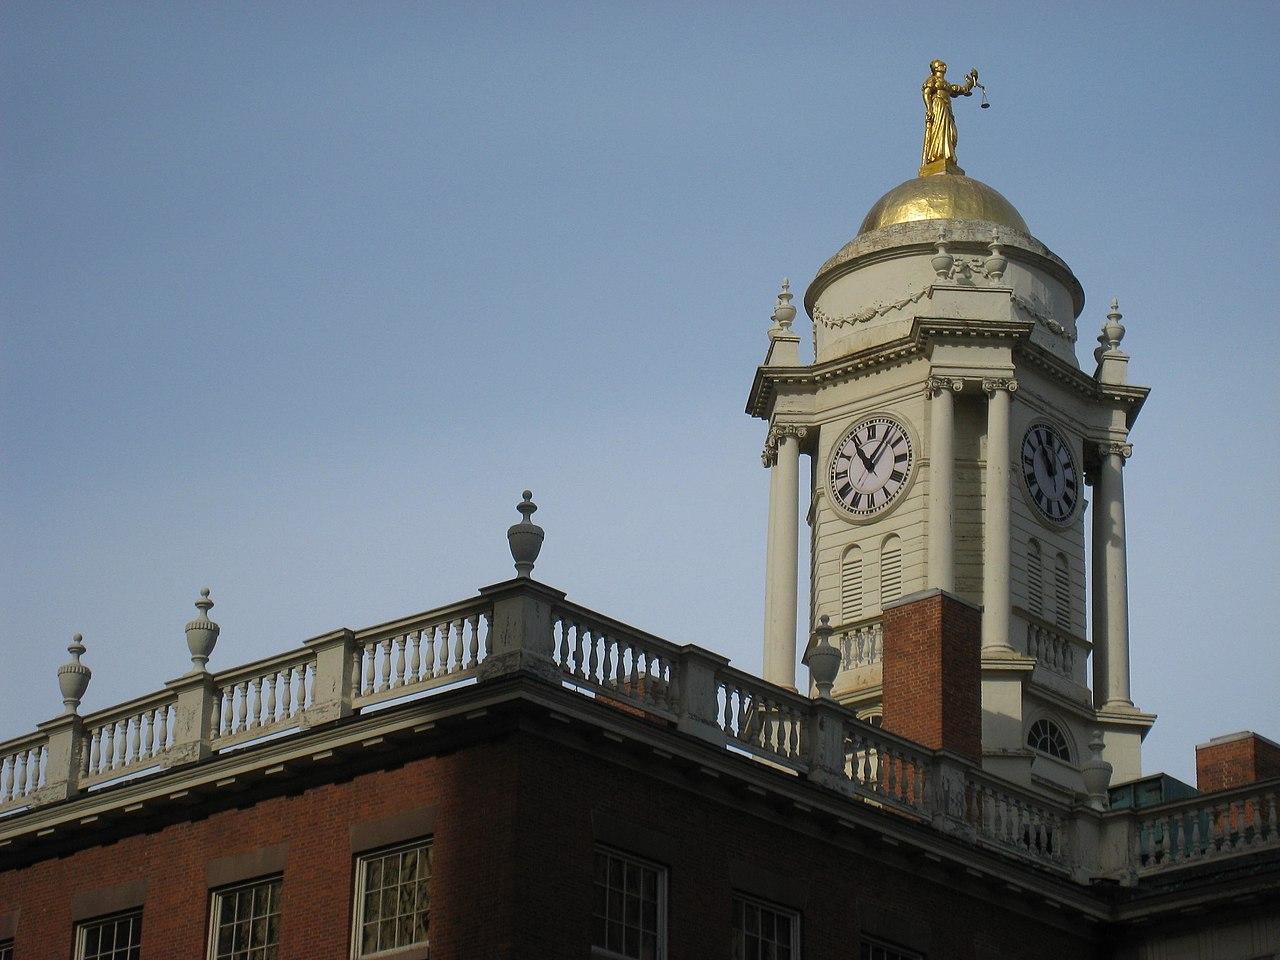 Junkyard Hartford Ct >> File:Old State House, Hartford CT - detail.JPG - Wikimedia ...